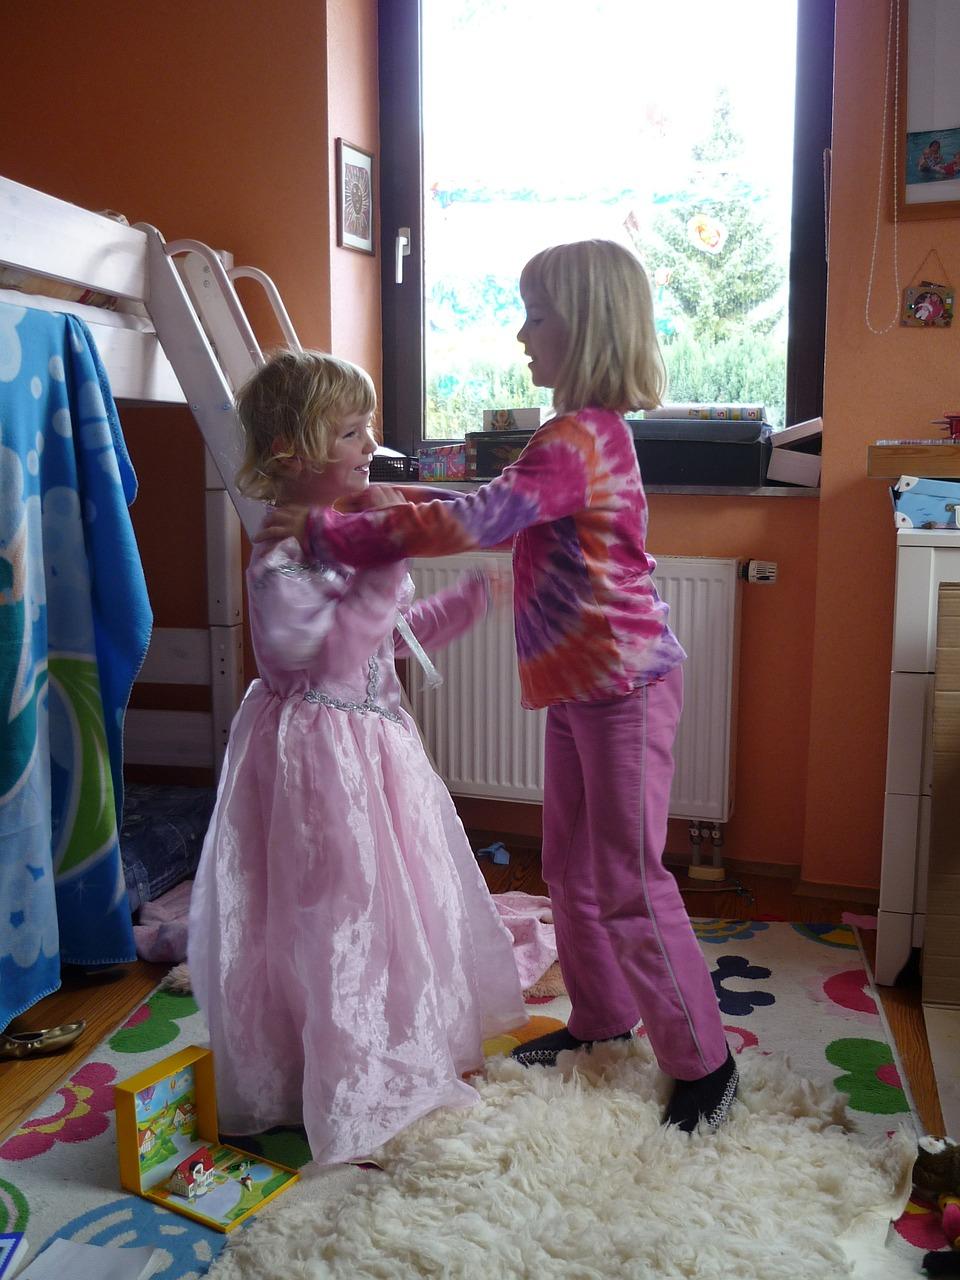 Gemeinsames kinderzimmer   wie es am besten funktioniert